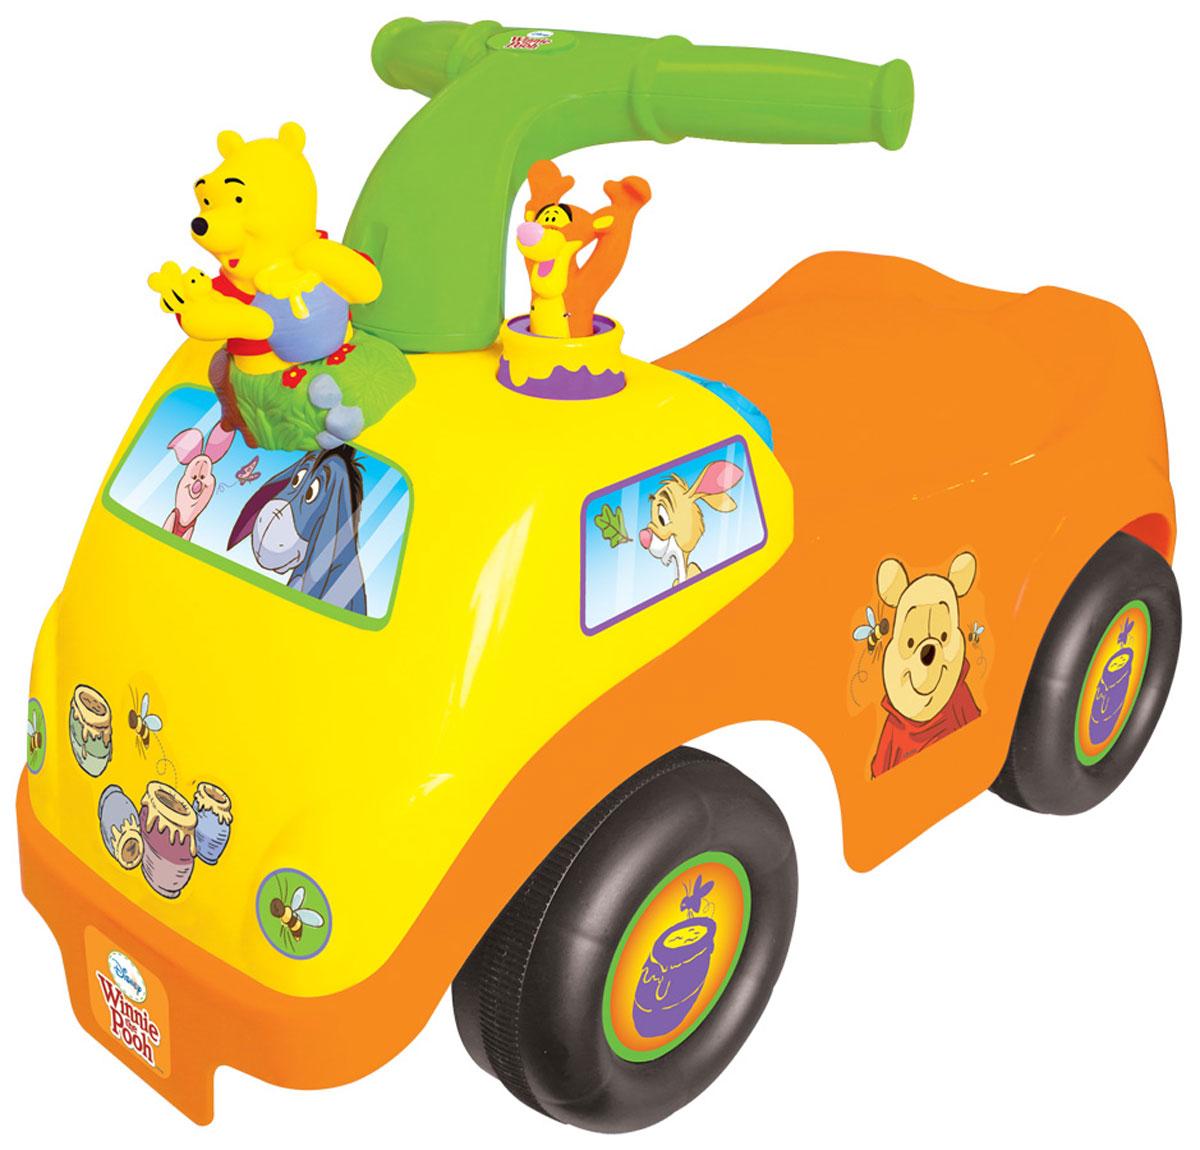 Kiddieland Каталка-пушкар ВинниKID 050435Каталка-пушкар Kiddieland Винни украшена фигурками Тигры и Вини, нажав на которые, малыш услышит мелодии. Помимо фигурок, у каталки есть ключ зажигания, звуковые кнопочки и гудок, с которыми никогда не соскучишься. Особенности: Игрушка является надёжной опорой при ходьбе и первым транспортным средством крохи. Каталка имеет 4 широкие колеса, благодаря чему она устойчиво стоит и перемещается по поверхности. Также она снабжена упорами, предотвращающими её опрокидывание. На каталке ребёнок сможет кататься, отталкиваясь ногами от пола или использовать каталку в качестве ходунков, опираясь за высокую ручку и толкая её впереди себя. Удобное сиденье имеет шероховатую поверхность, чтобы малыш не соскальзывал во время катания. Ребёнок непременно обратит внимание на функциональные элементы, размещённые на передней панели: кнопки, ручки, рычаги, которые разнообразят игру и сделают её более увлекательной. Управлять...